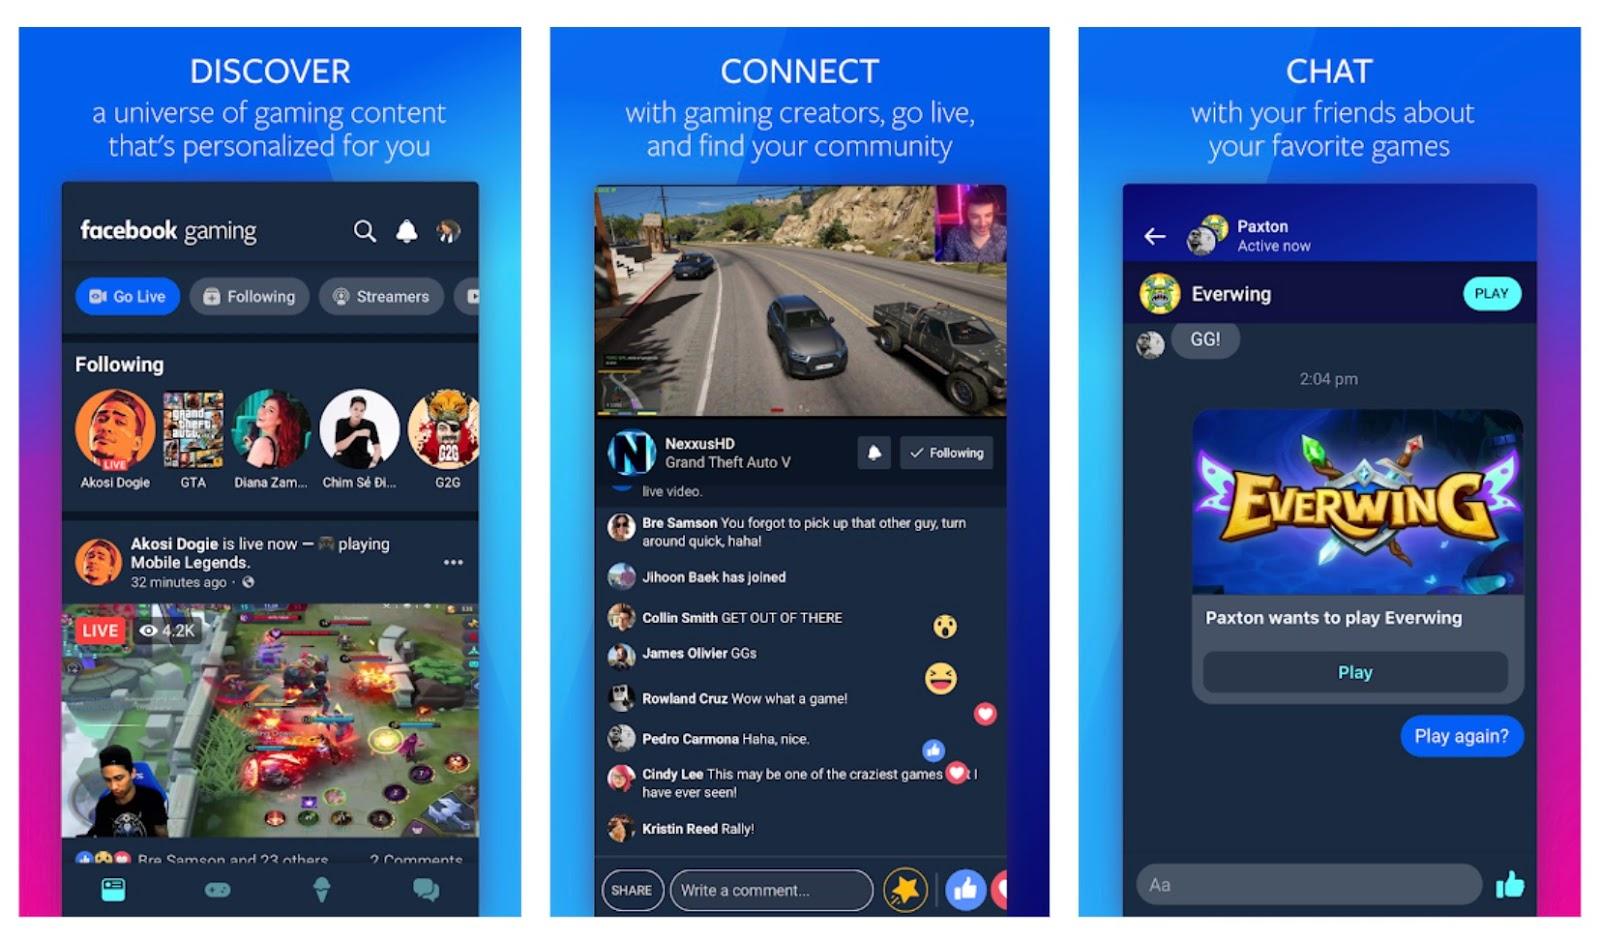 Facebook game App